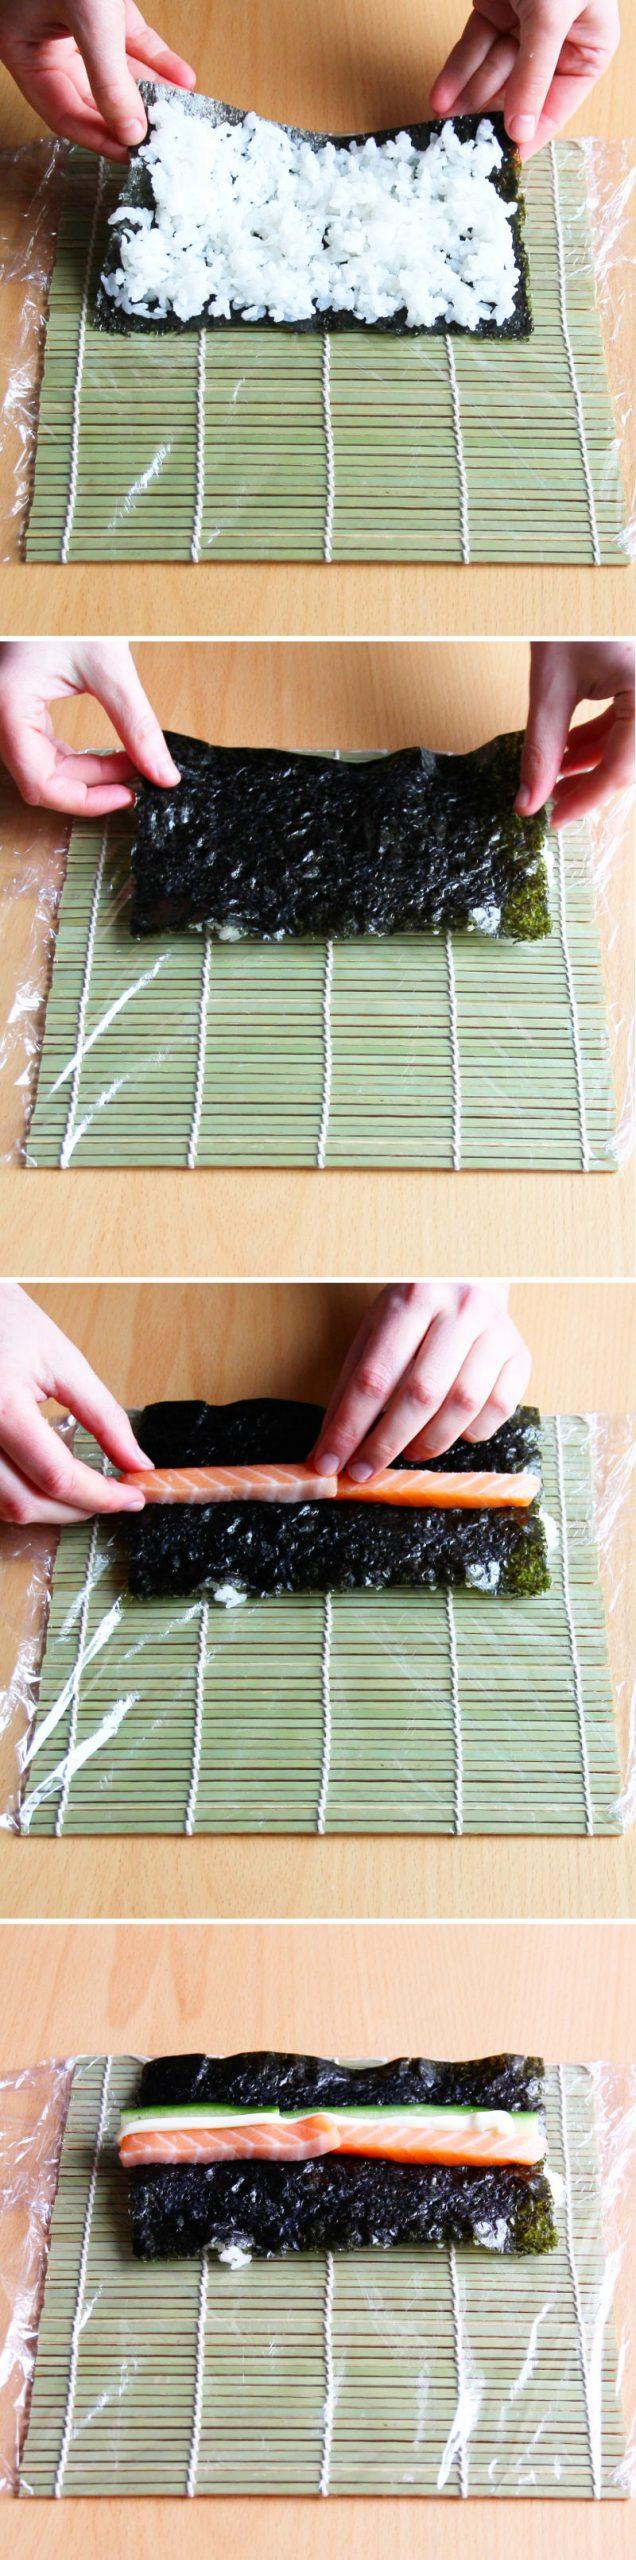 Uramaki Schritt 6 Sushi-Rolle formen